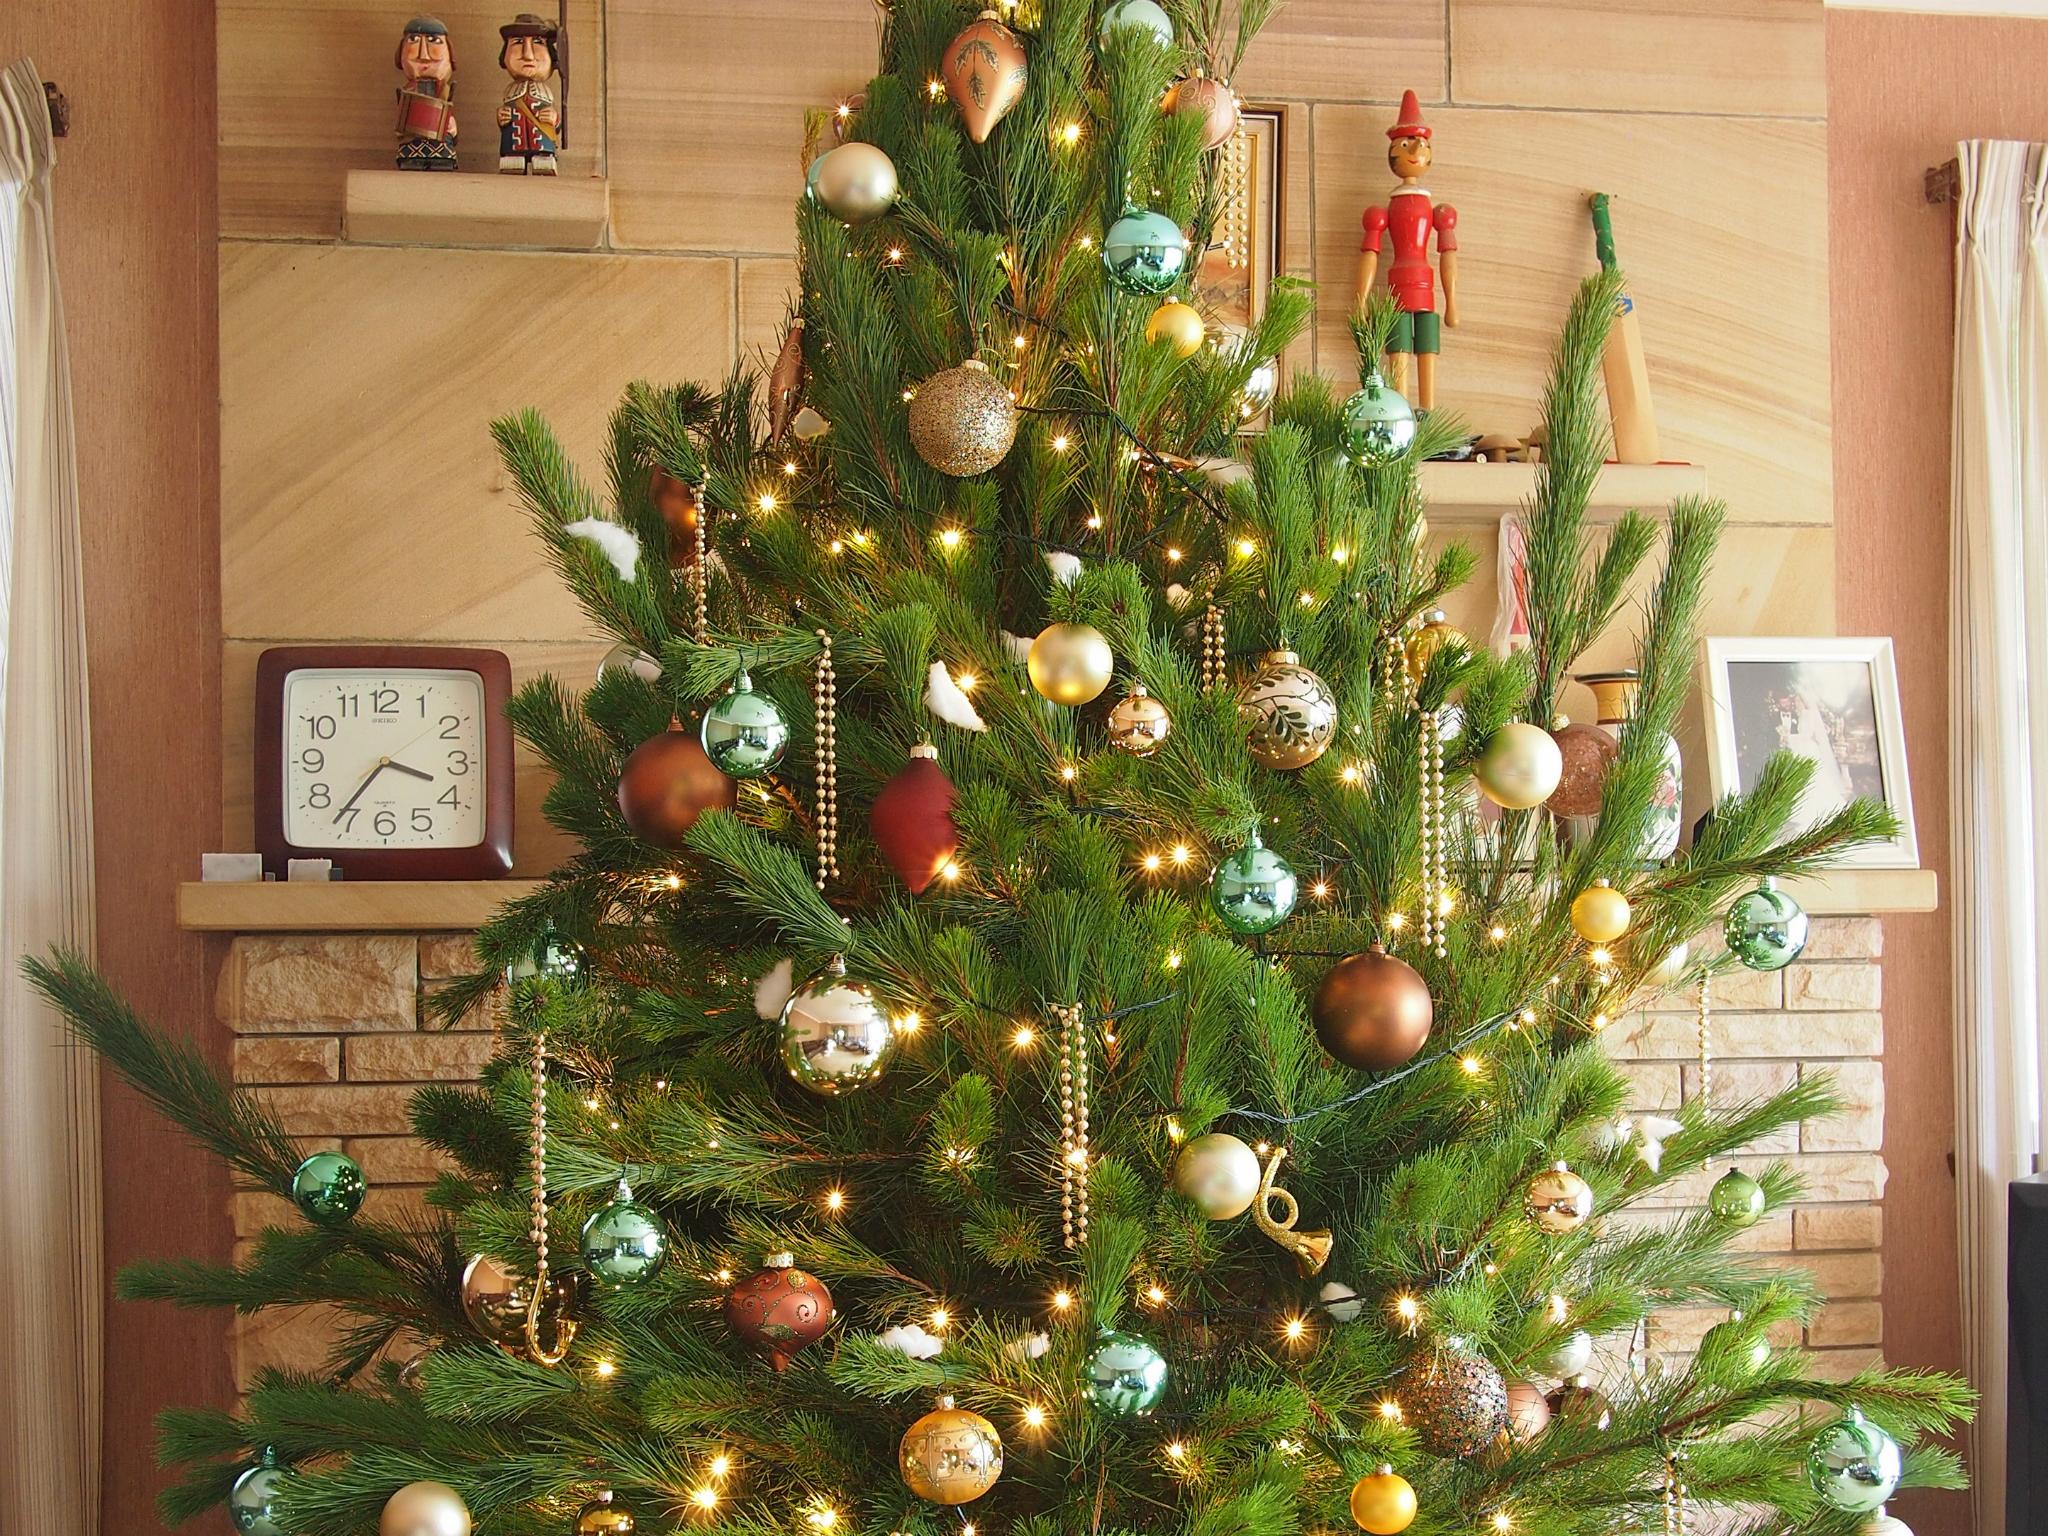 Elf Help - Ở Sydney thì mua cây thông Giáng Sinh ở đâu?